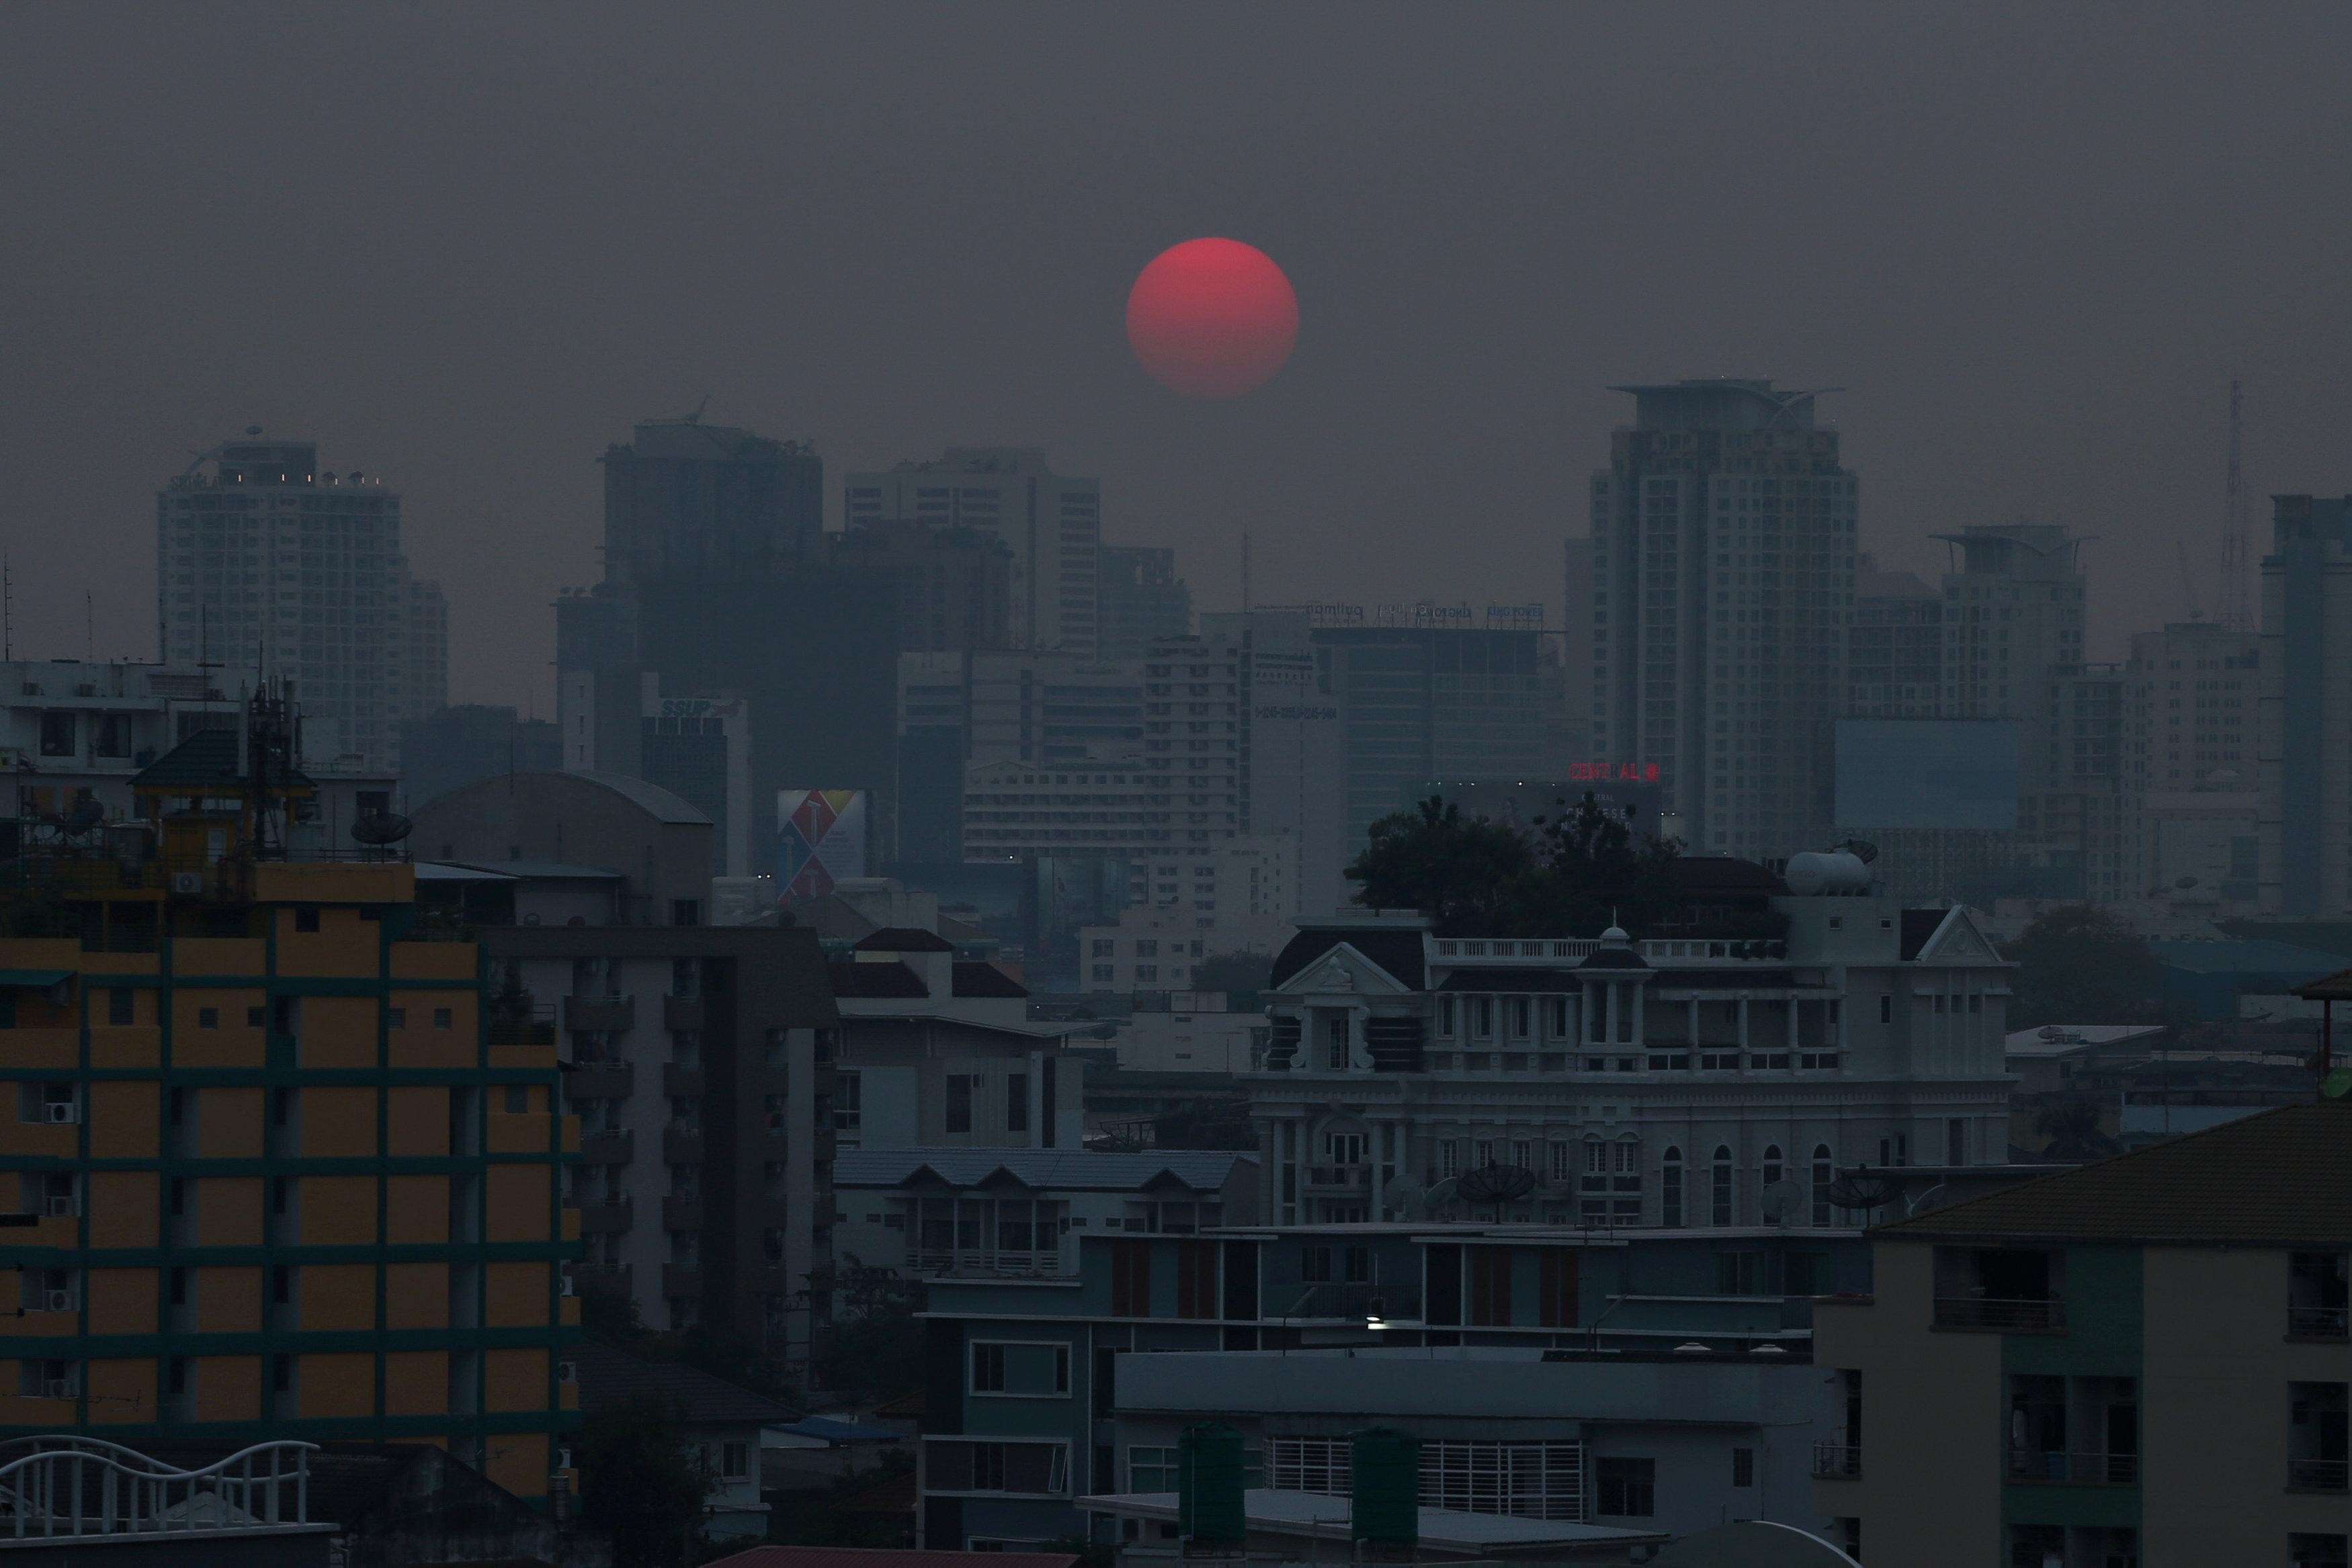 'Good progress' at Bangkok climate talks on draft Paris accord rules: U.N. official